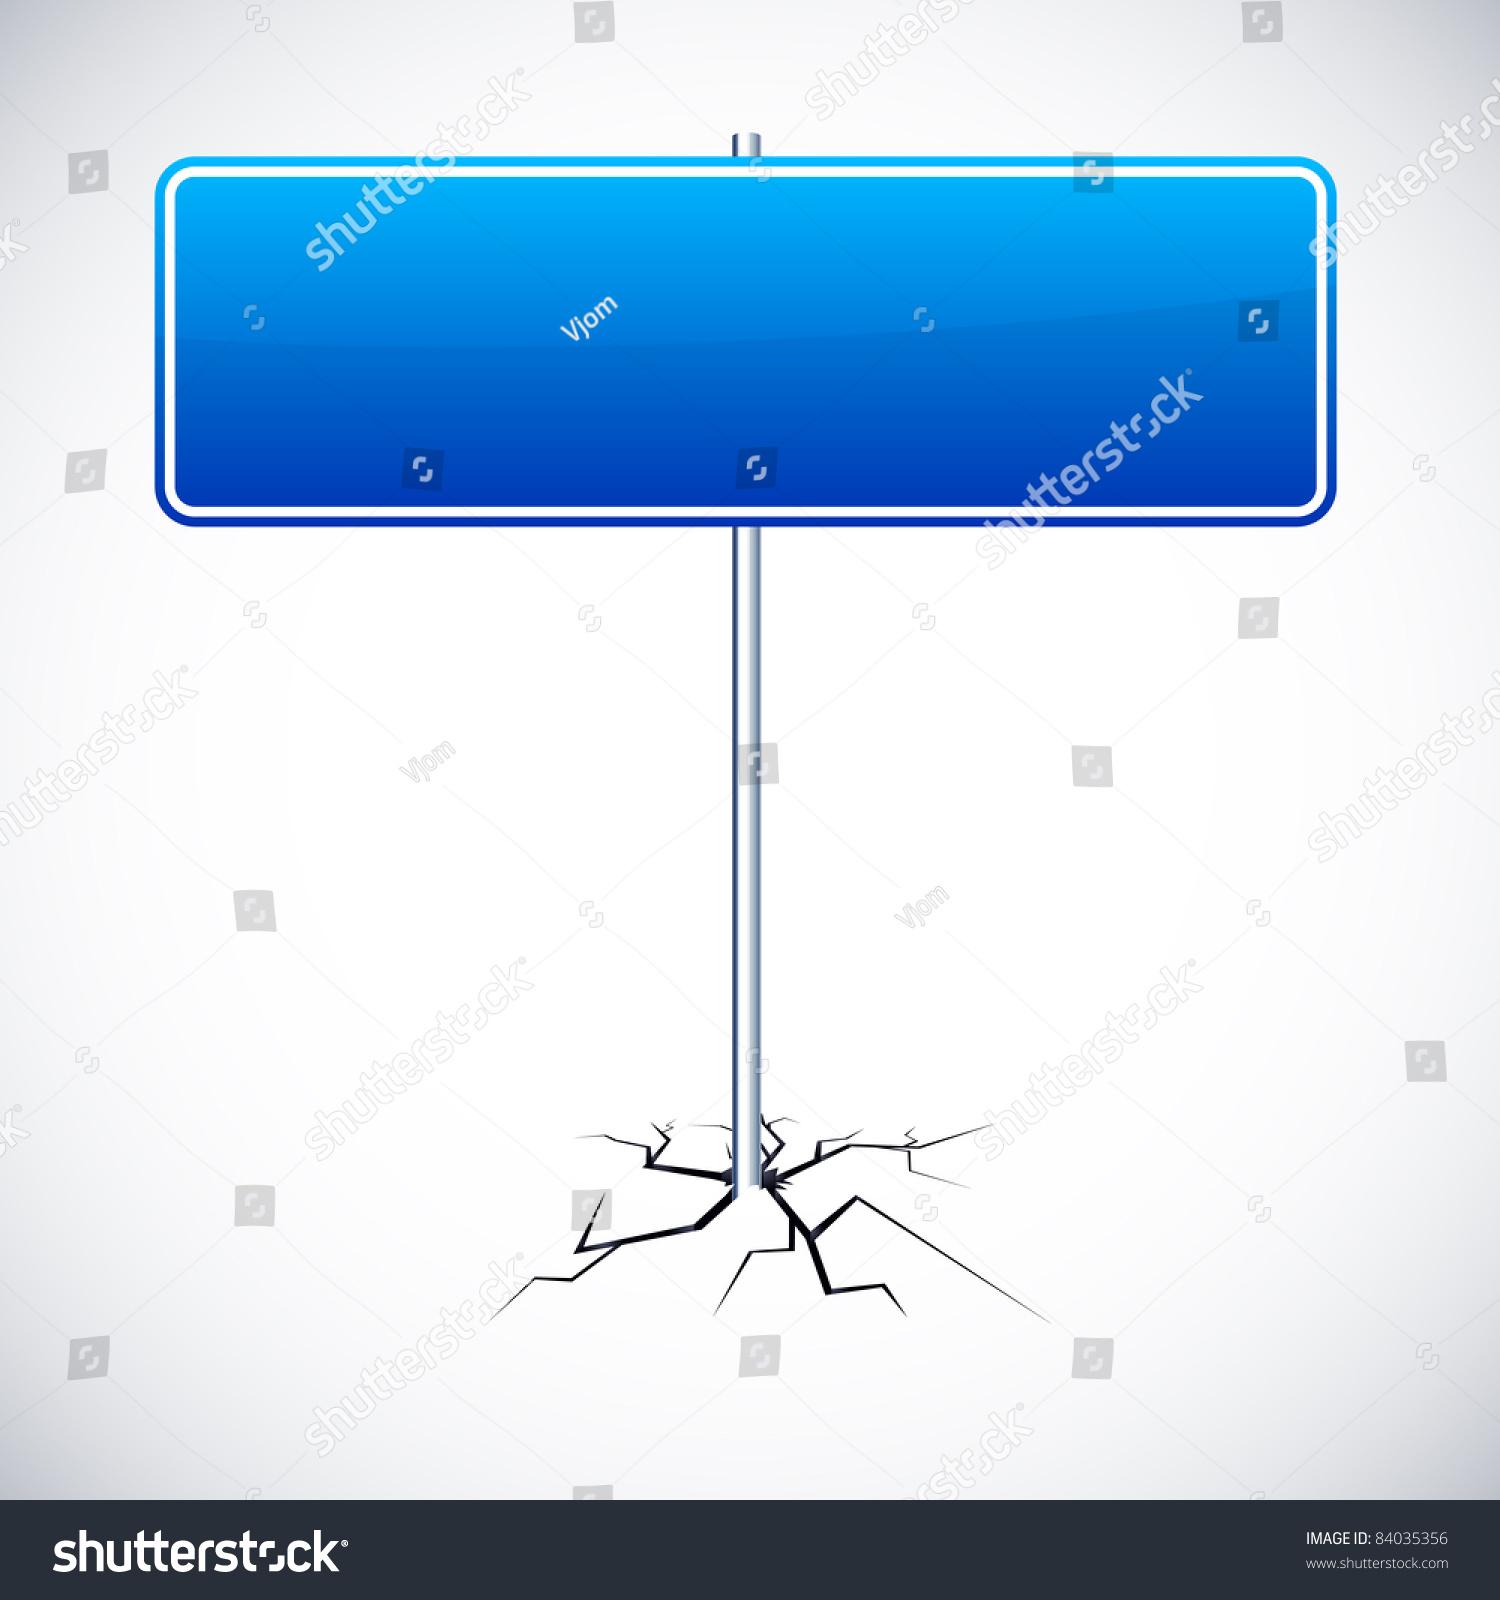 矢量插图的路标与蓝色为任何文本框架.-科技,符号/-()